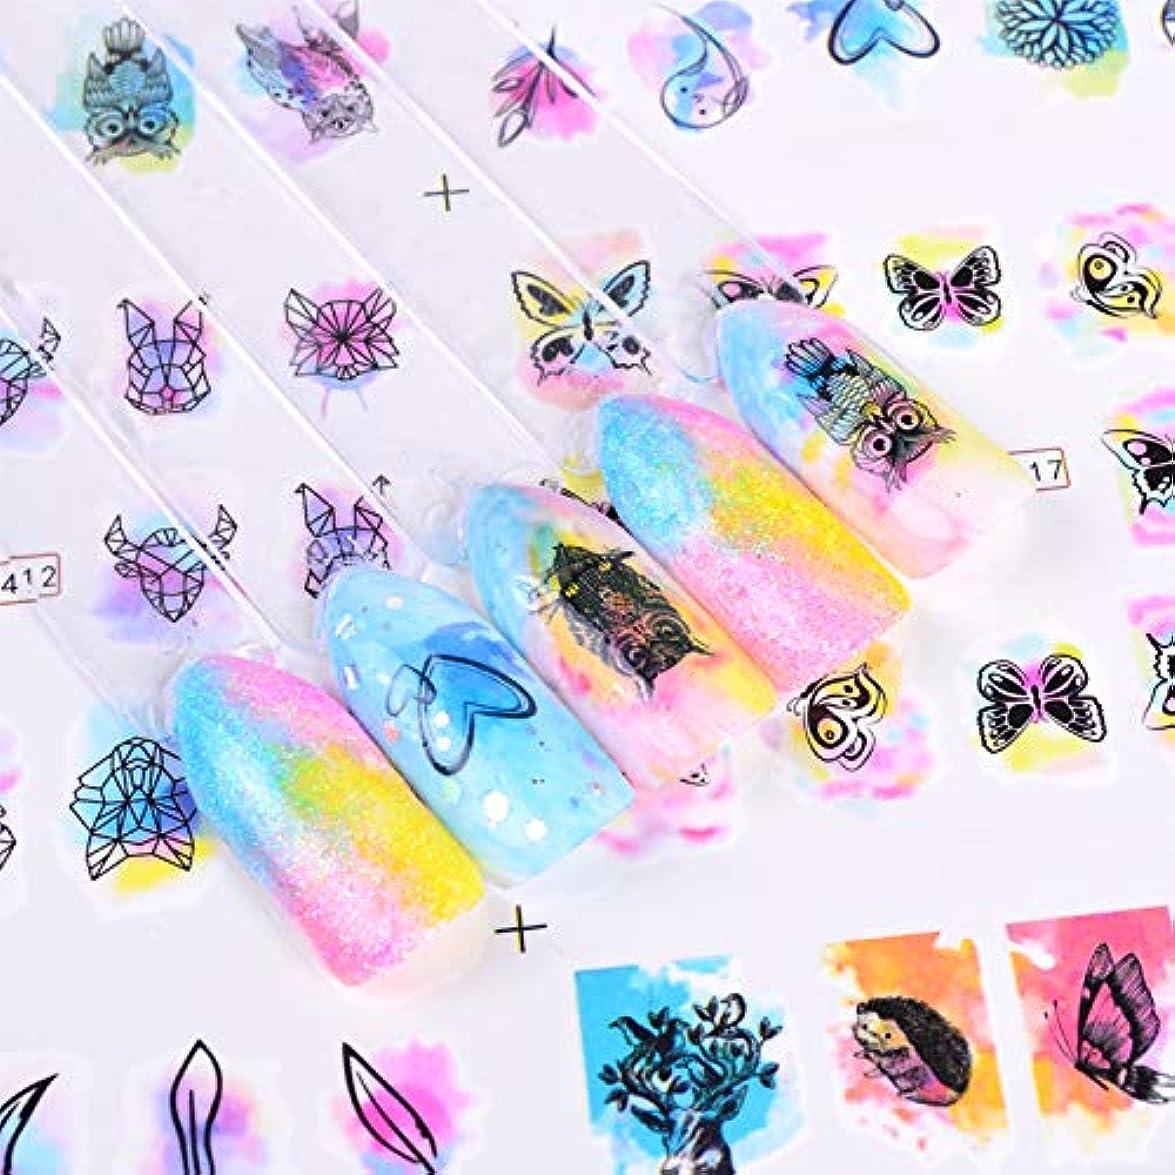 お金ゴムグリーンランドジェームズダイソンSUKTI&XIAO ネイルステッカー 12スタイルグラデーションネイルアート水転写ステッカーデカールラップ水彩マニキュア装飾ツール